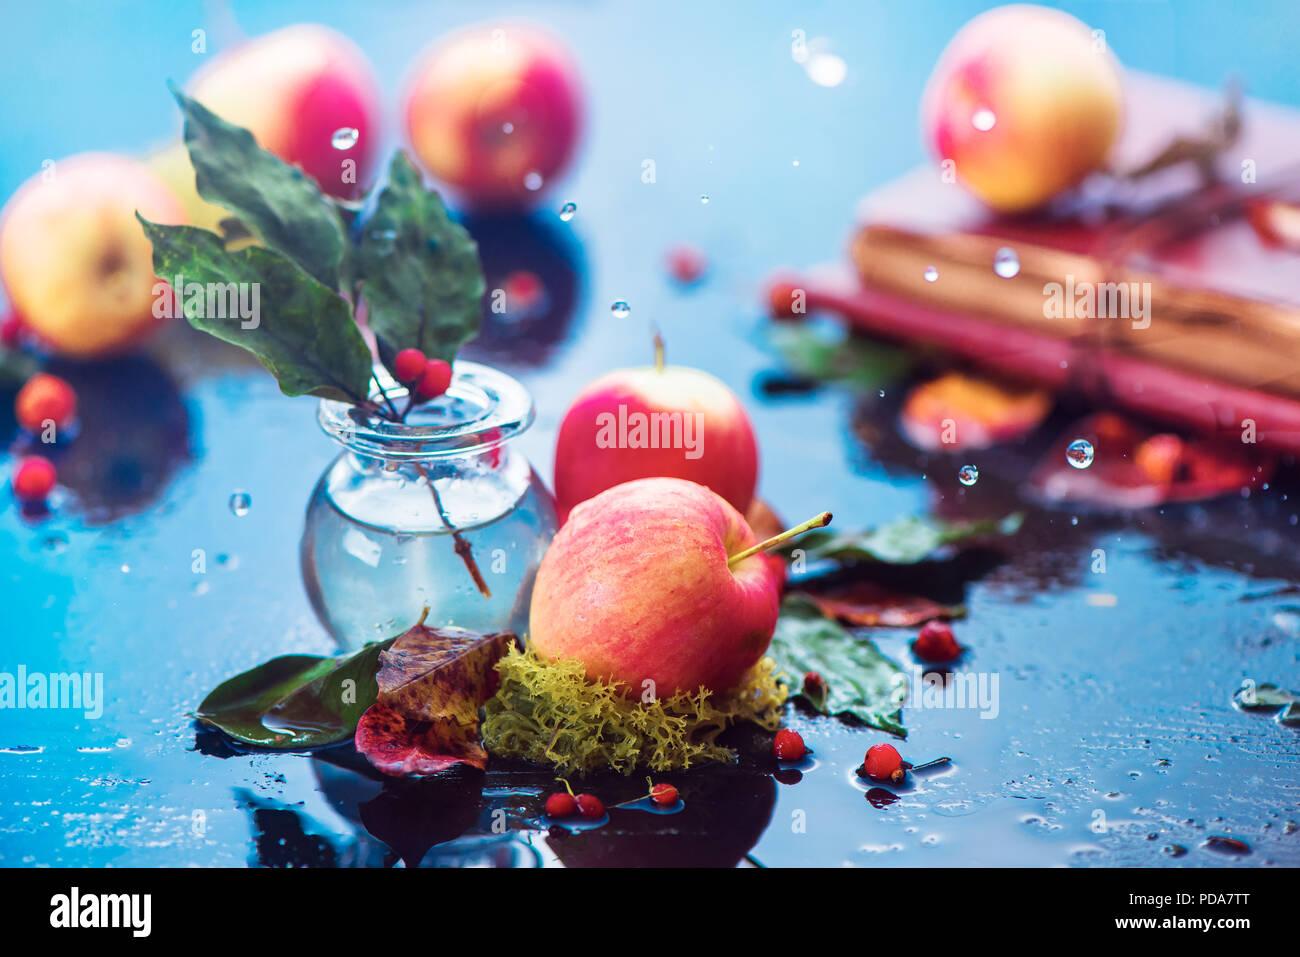 Otoño las manzanas aún la vida. Cabezal de cosecha de otoño bajo la lluvia con gotas de agua y espacio de copia. Ranet orgánicos pequeño rojo de las manzanas con una jarra de cristal y hojas caídas Imagen De Stock